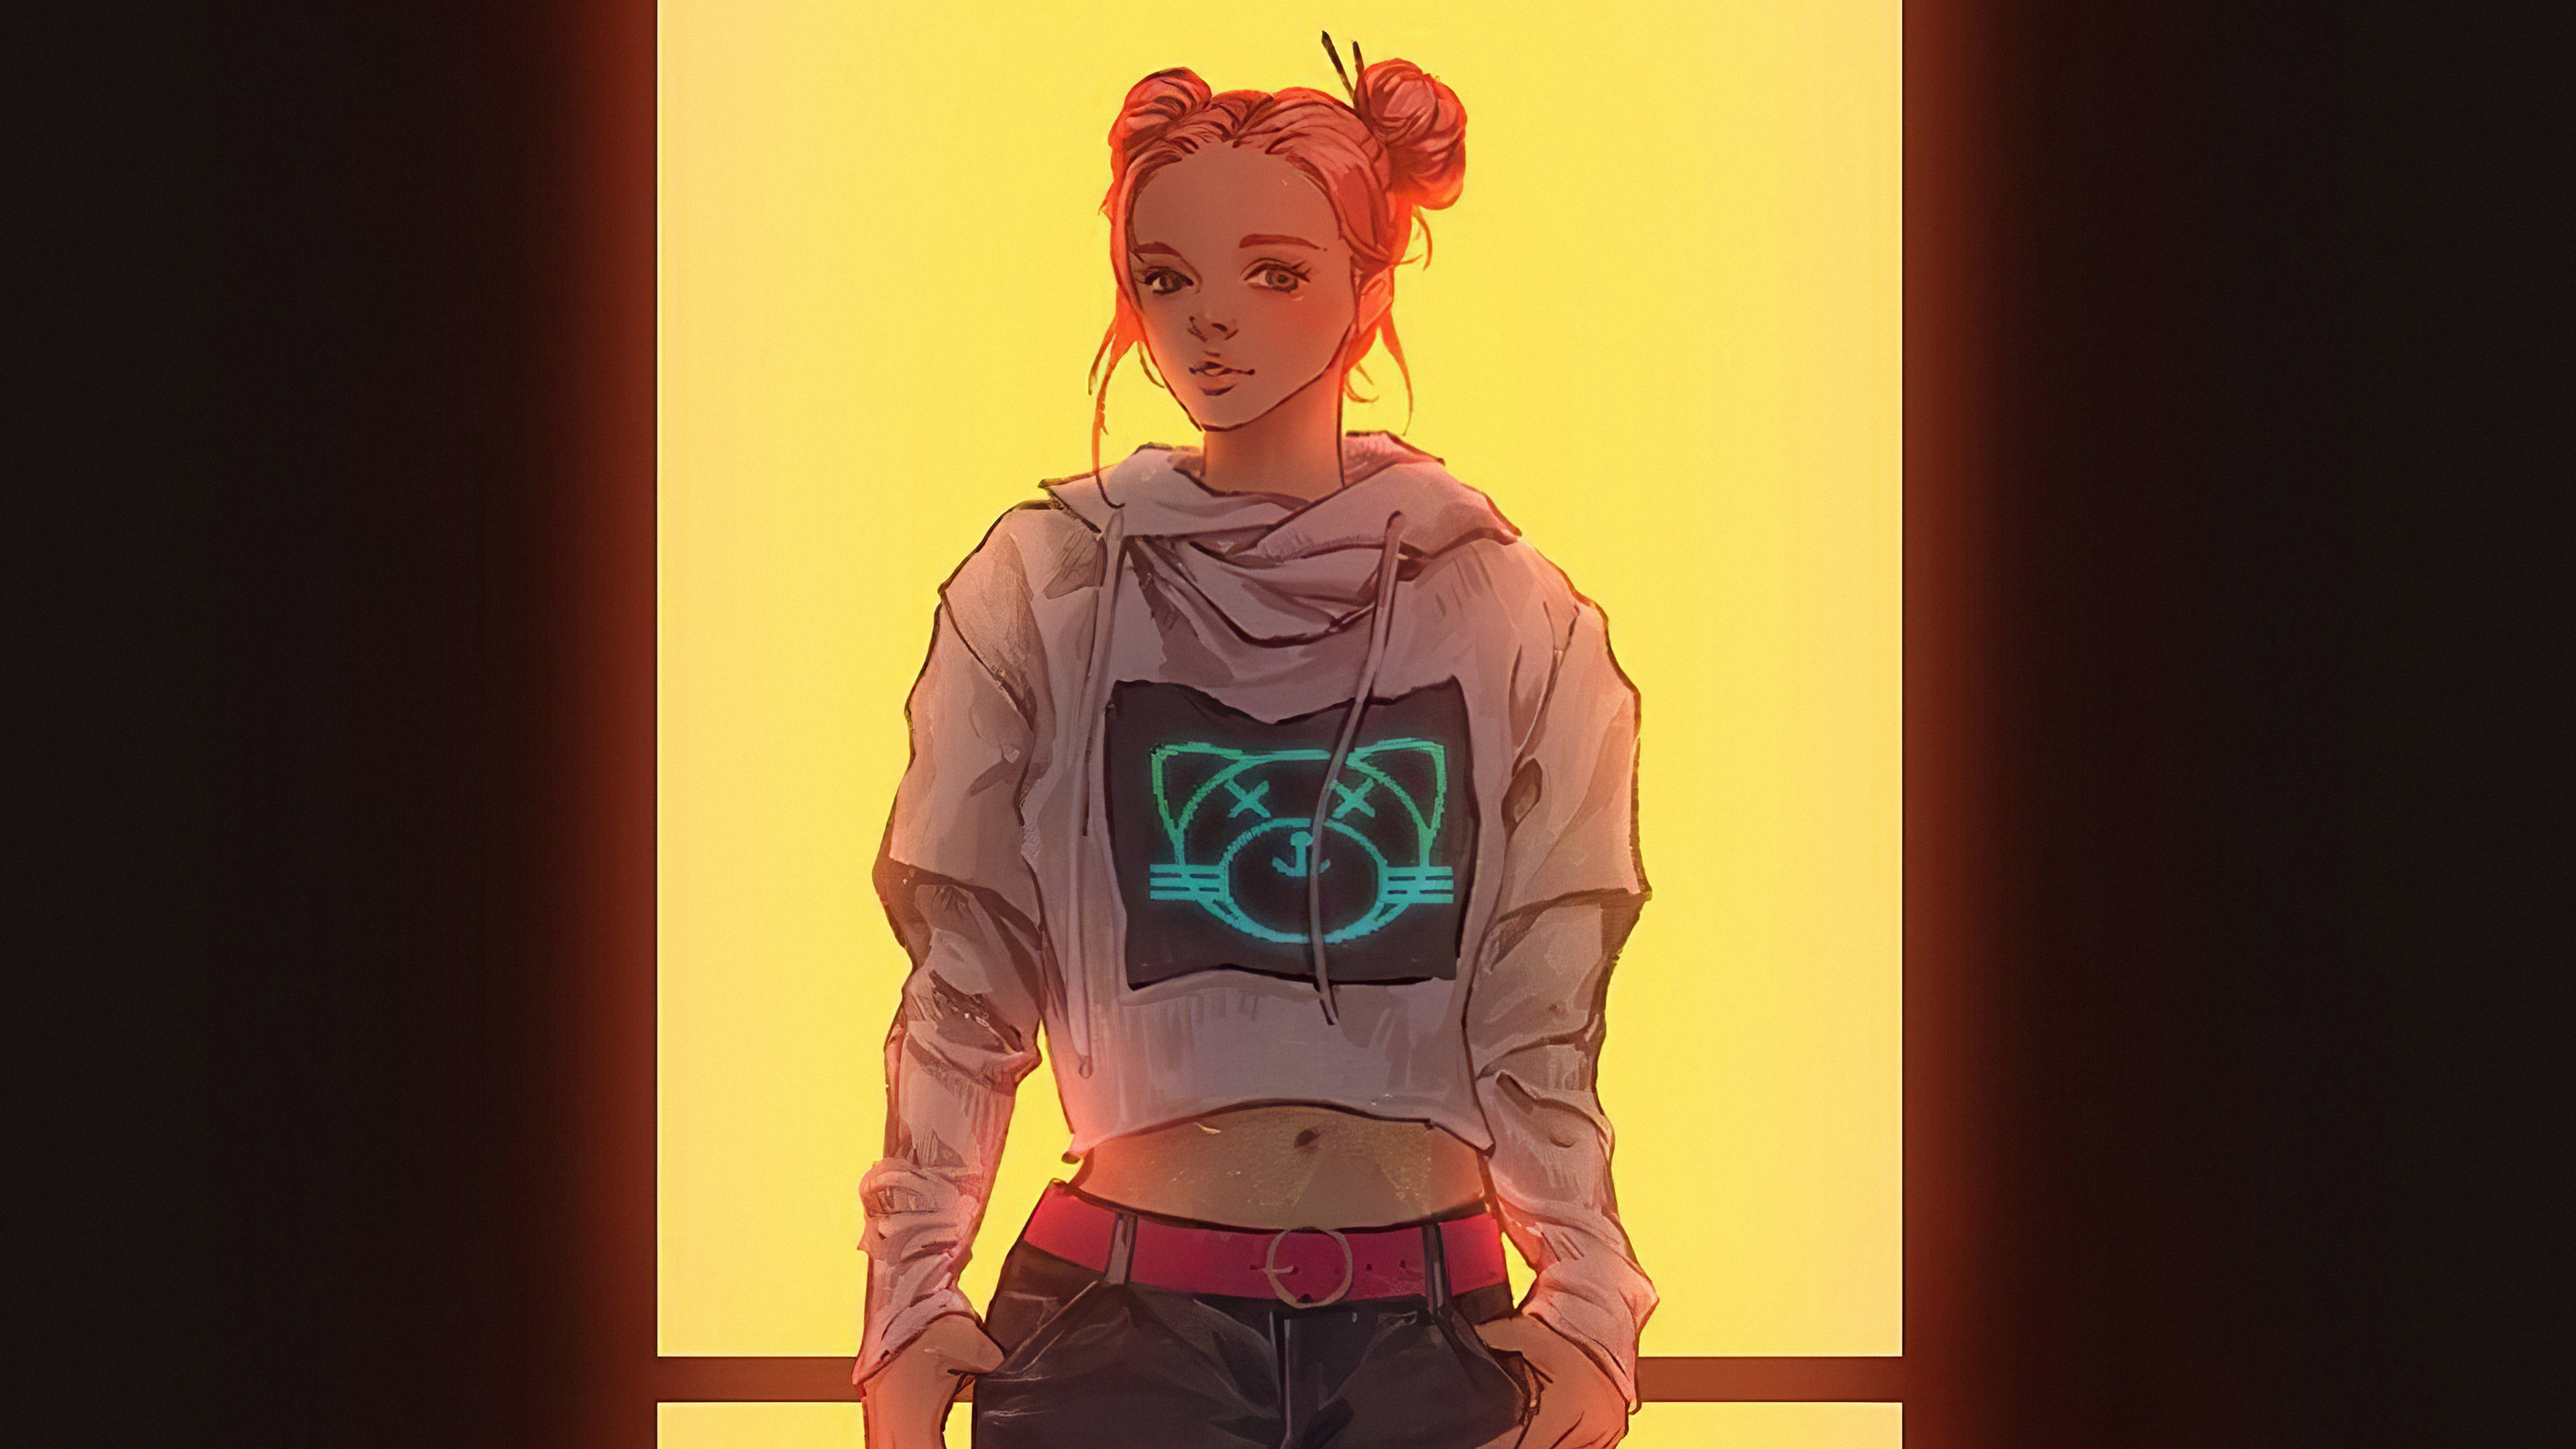 baby girl cyberpunk 1578255209 - Baby Girl Cyberpunk -